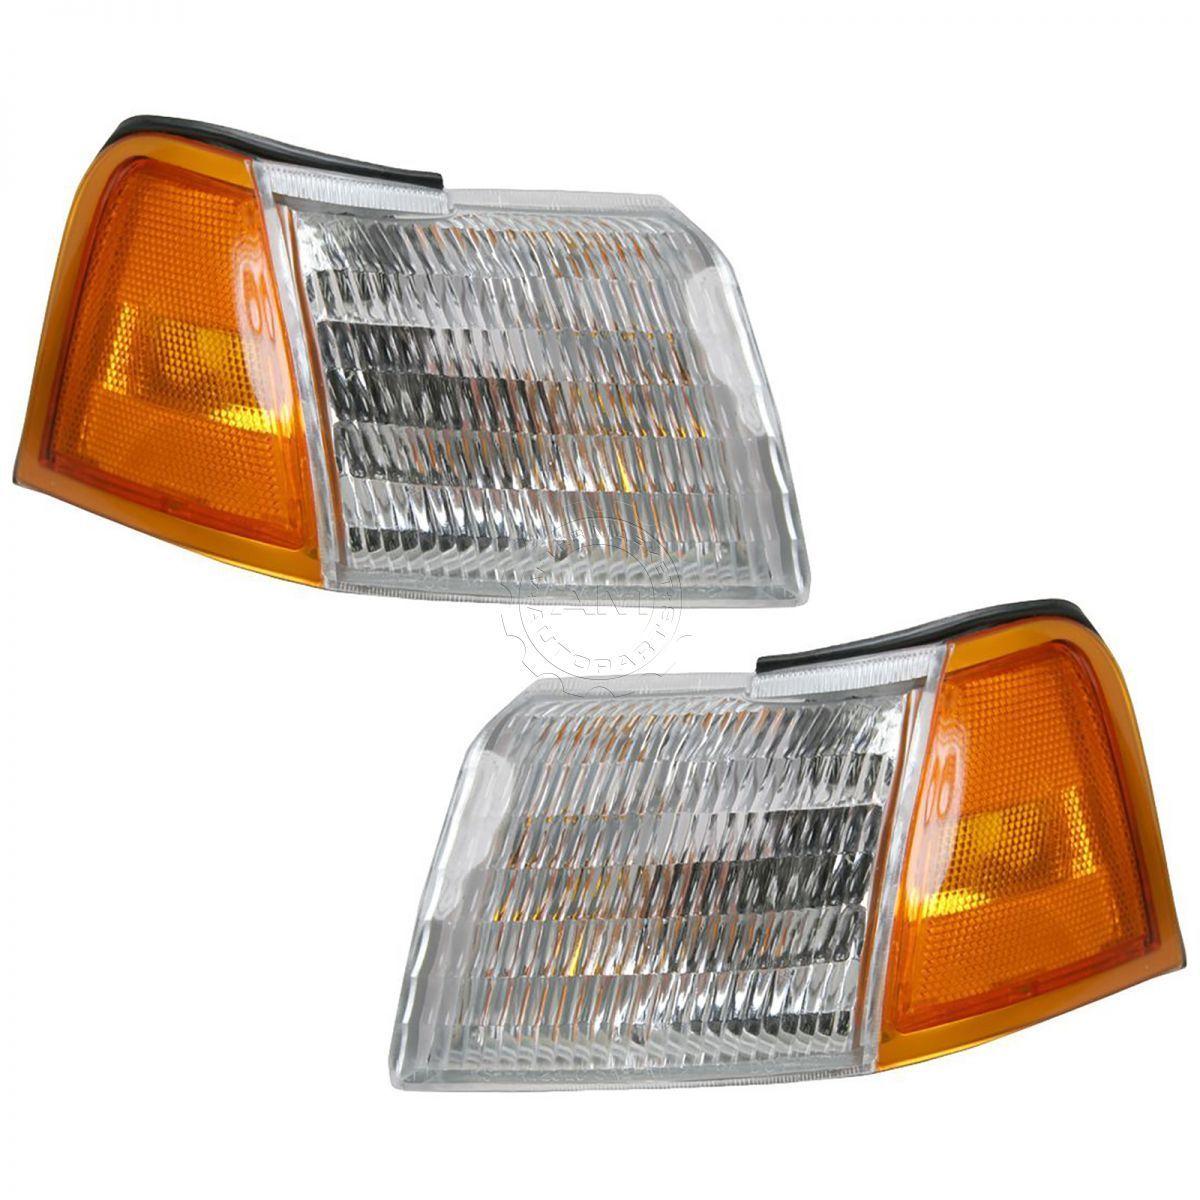 コーナーライト Corner Side Marker Parking Turn Signal Light Lamp Pair Set for 89-95 Cougar コーナーサイドマーカーパーキングターンシグナルランプライトペア、89-95クーガー用